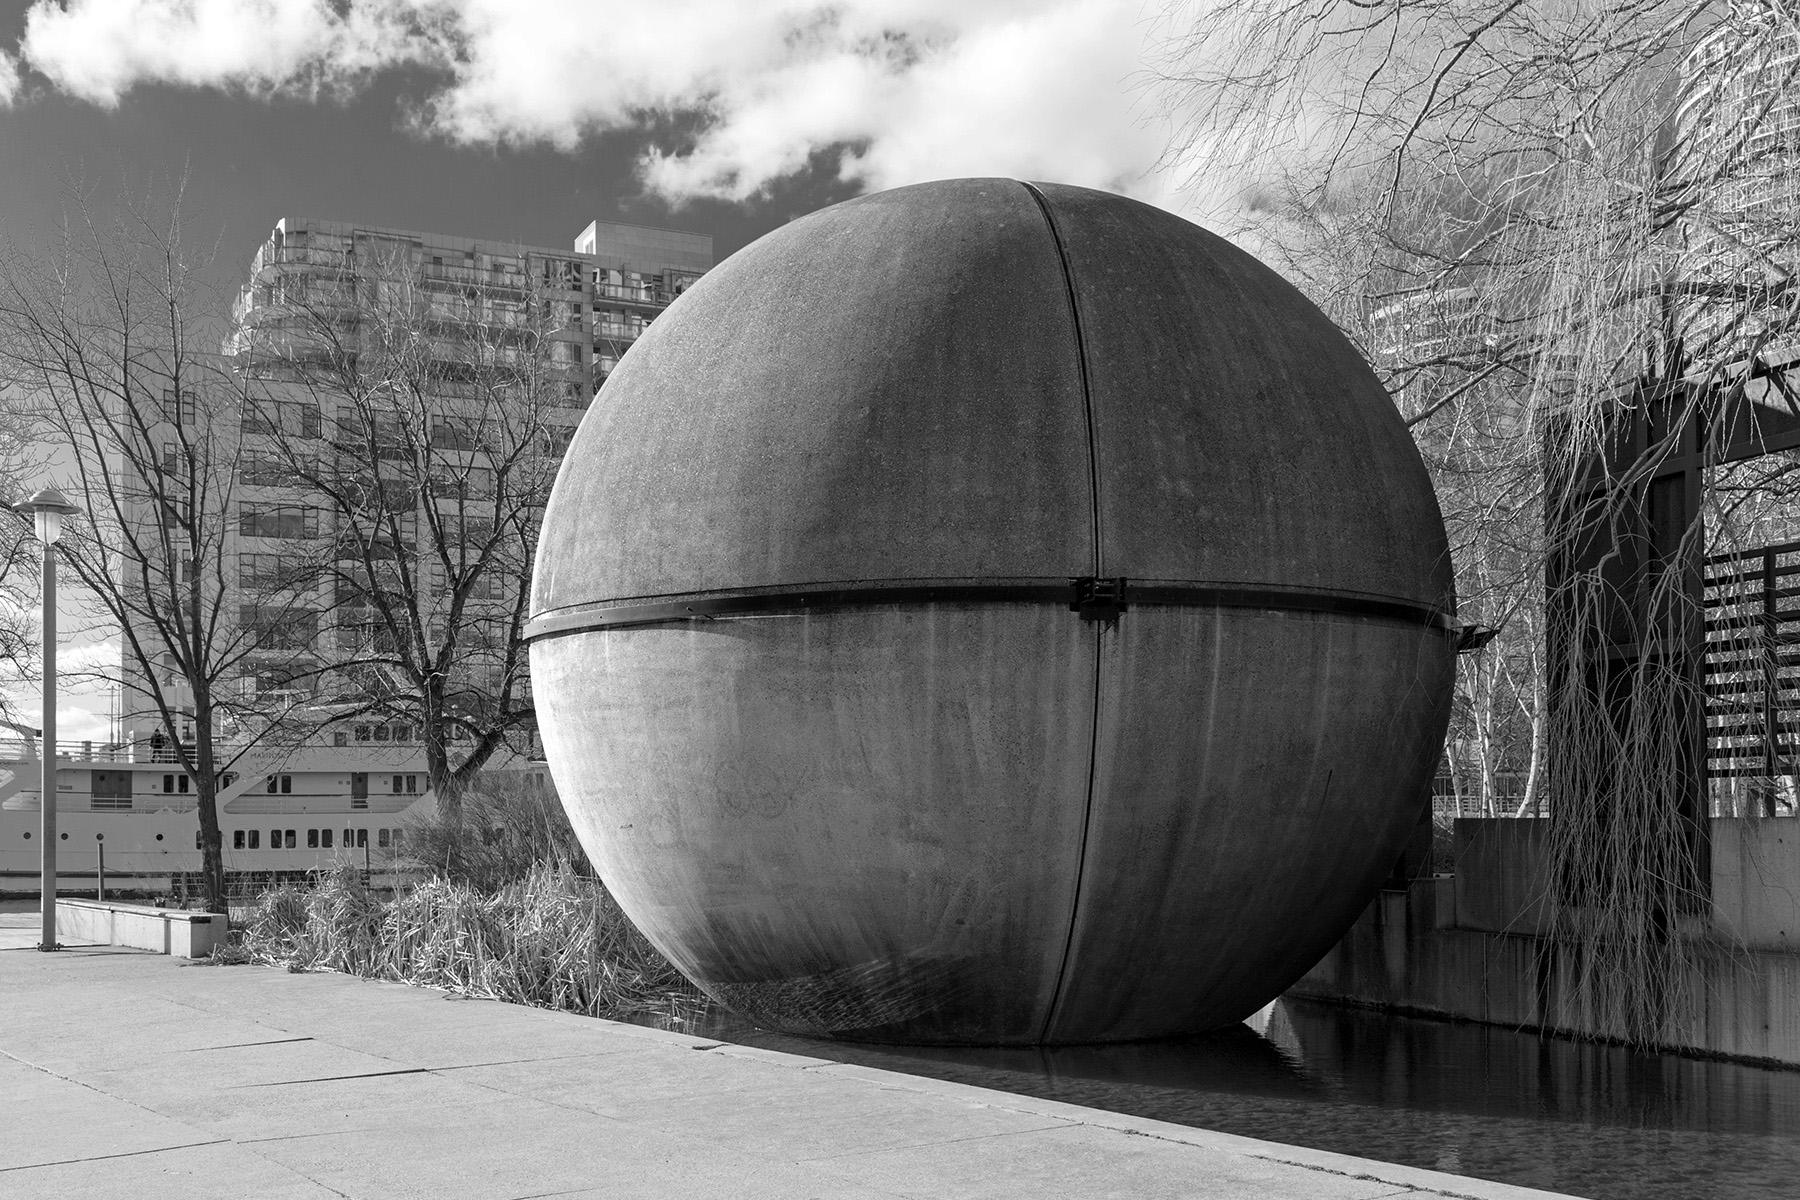 A precast concrete